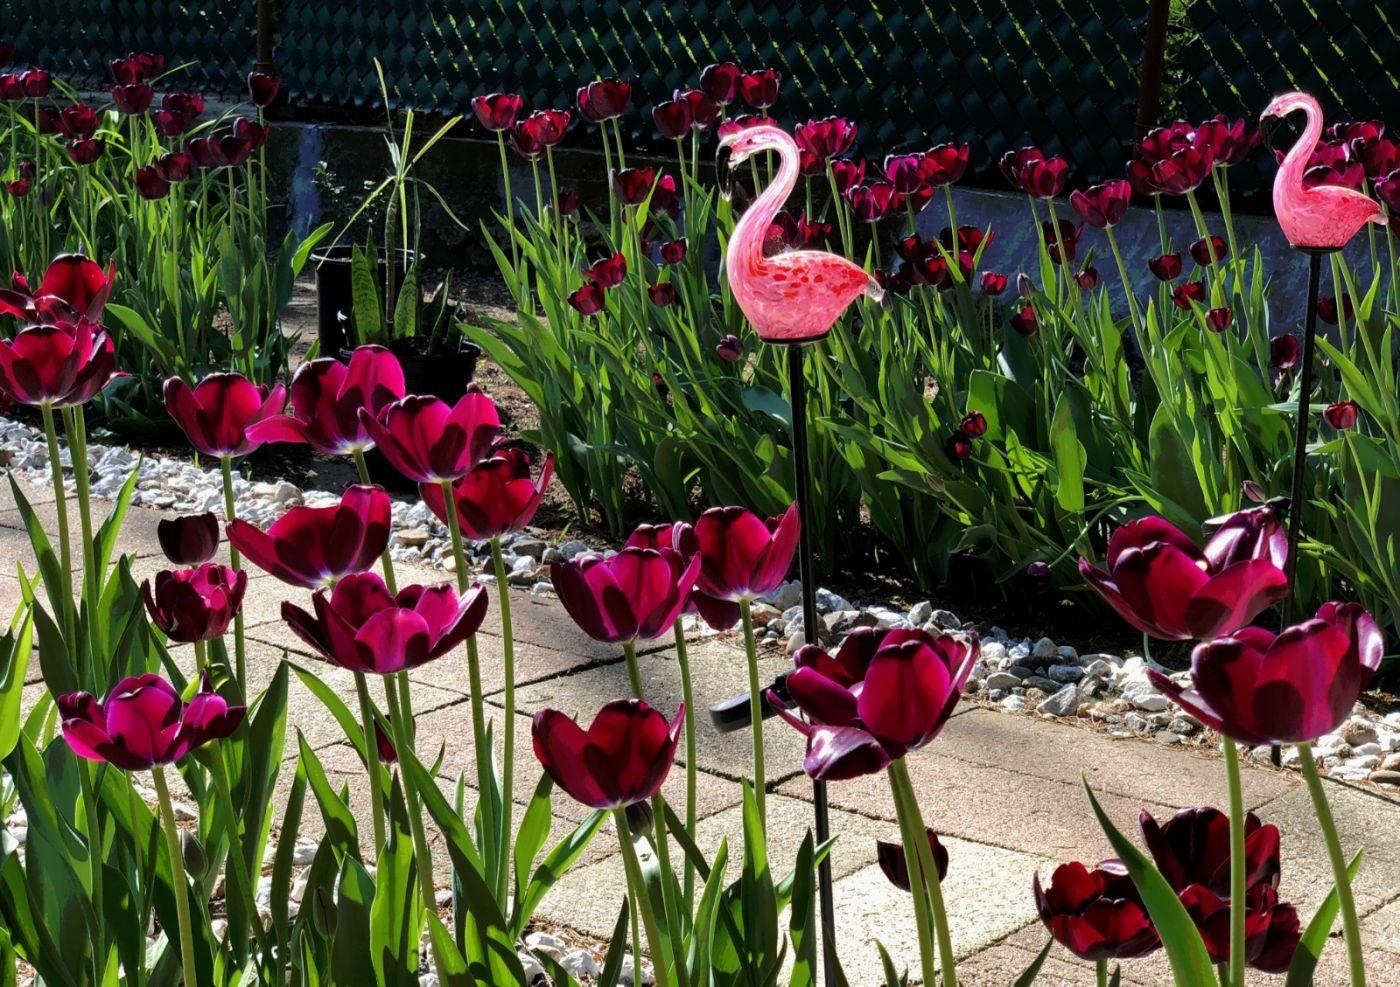 【田螺手机摄影】我后院的紫金香也全部开了_图1-4